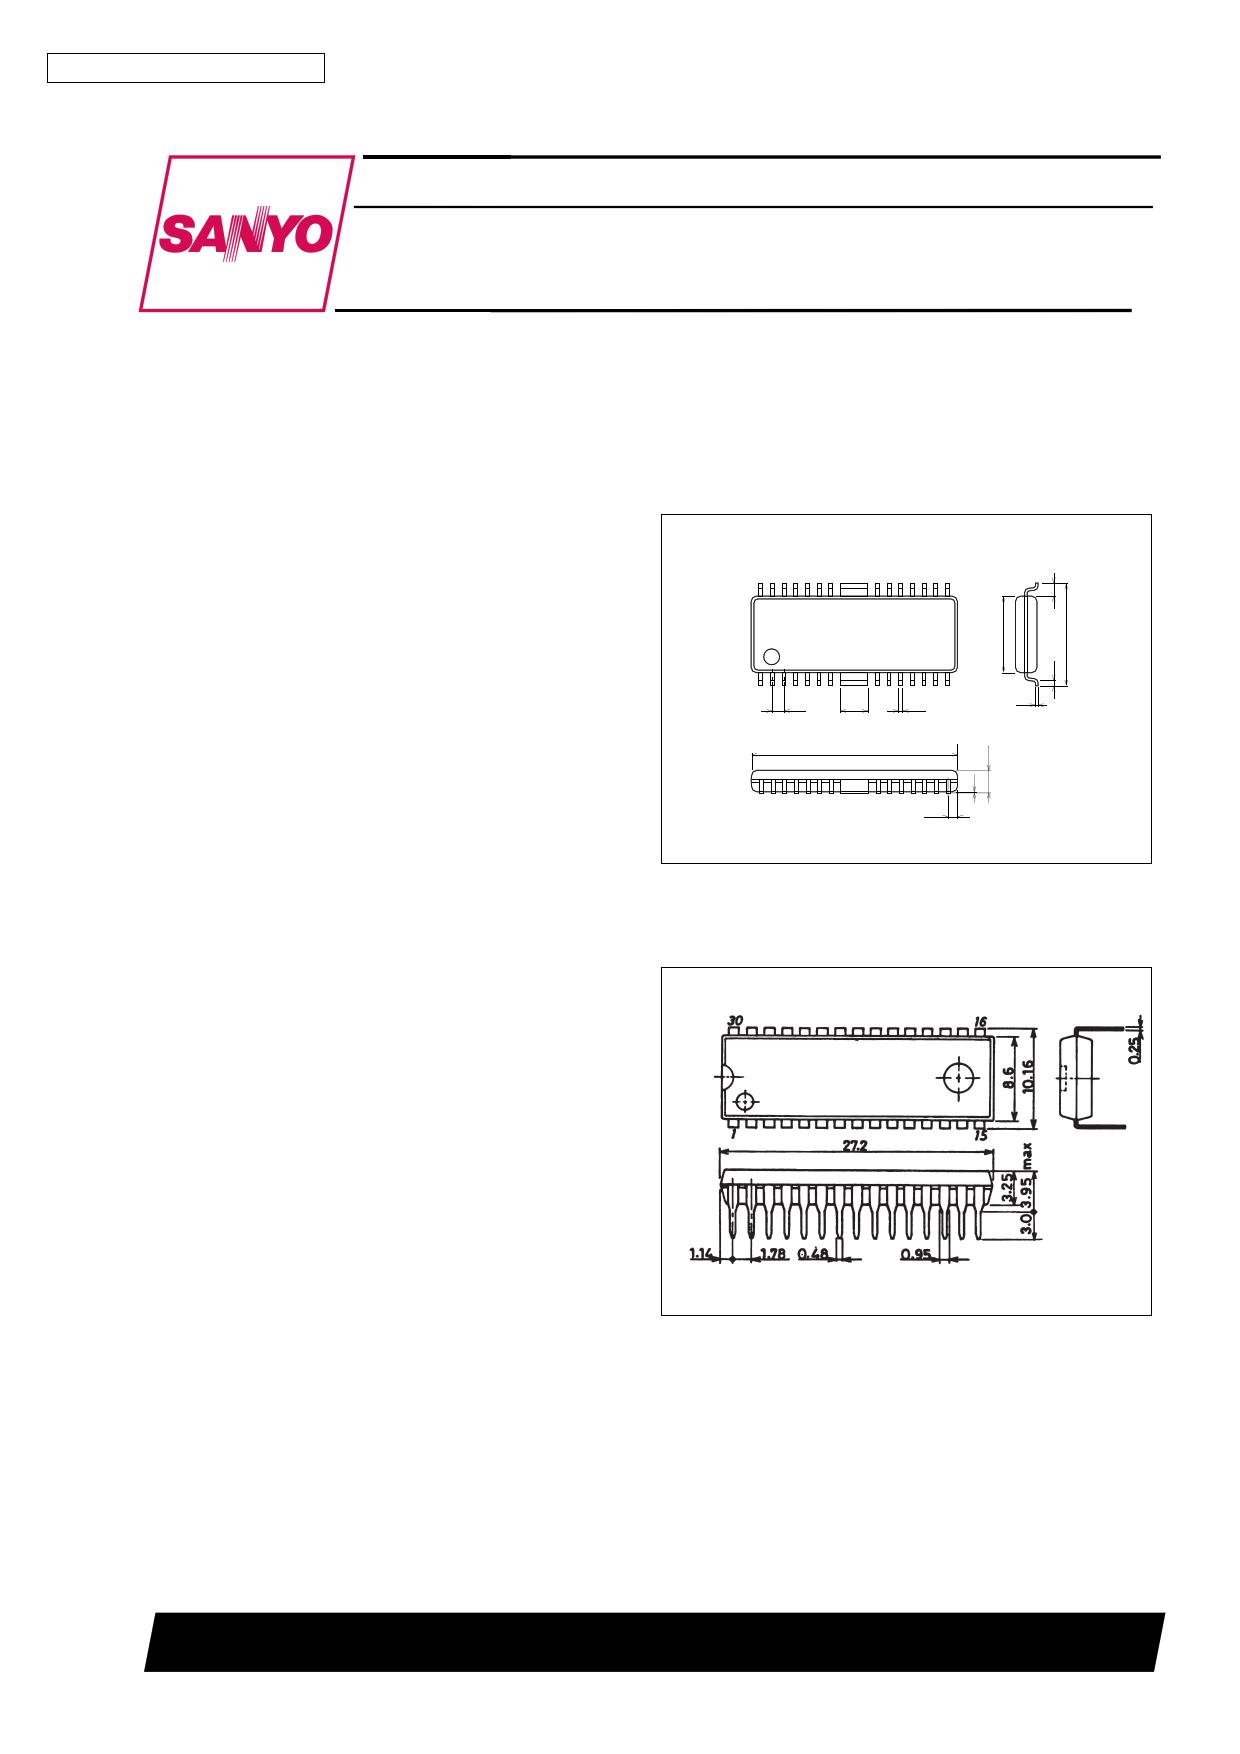 LB1895 datasheet